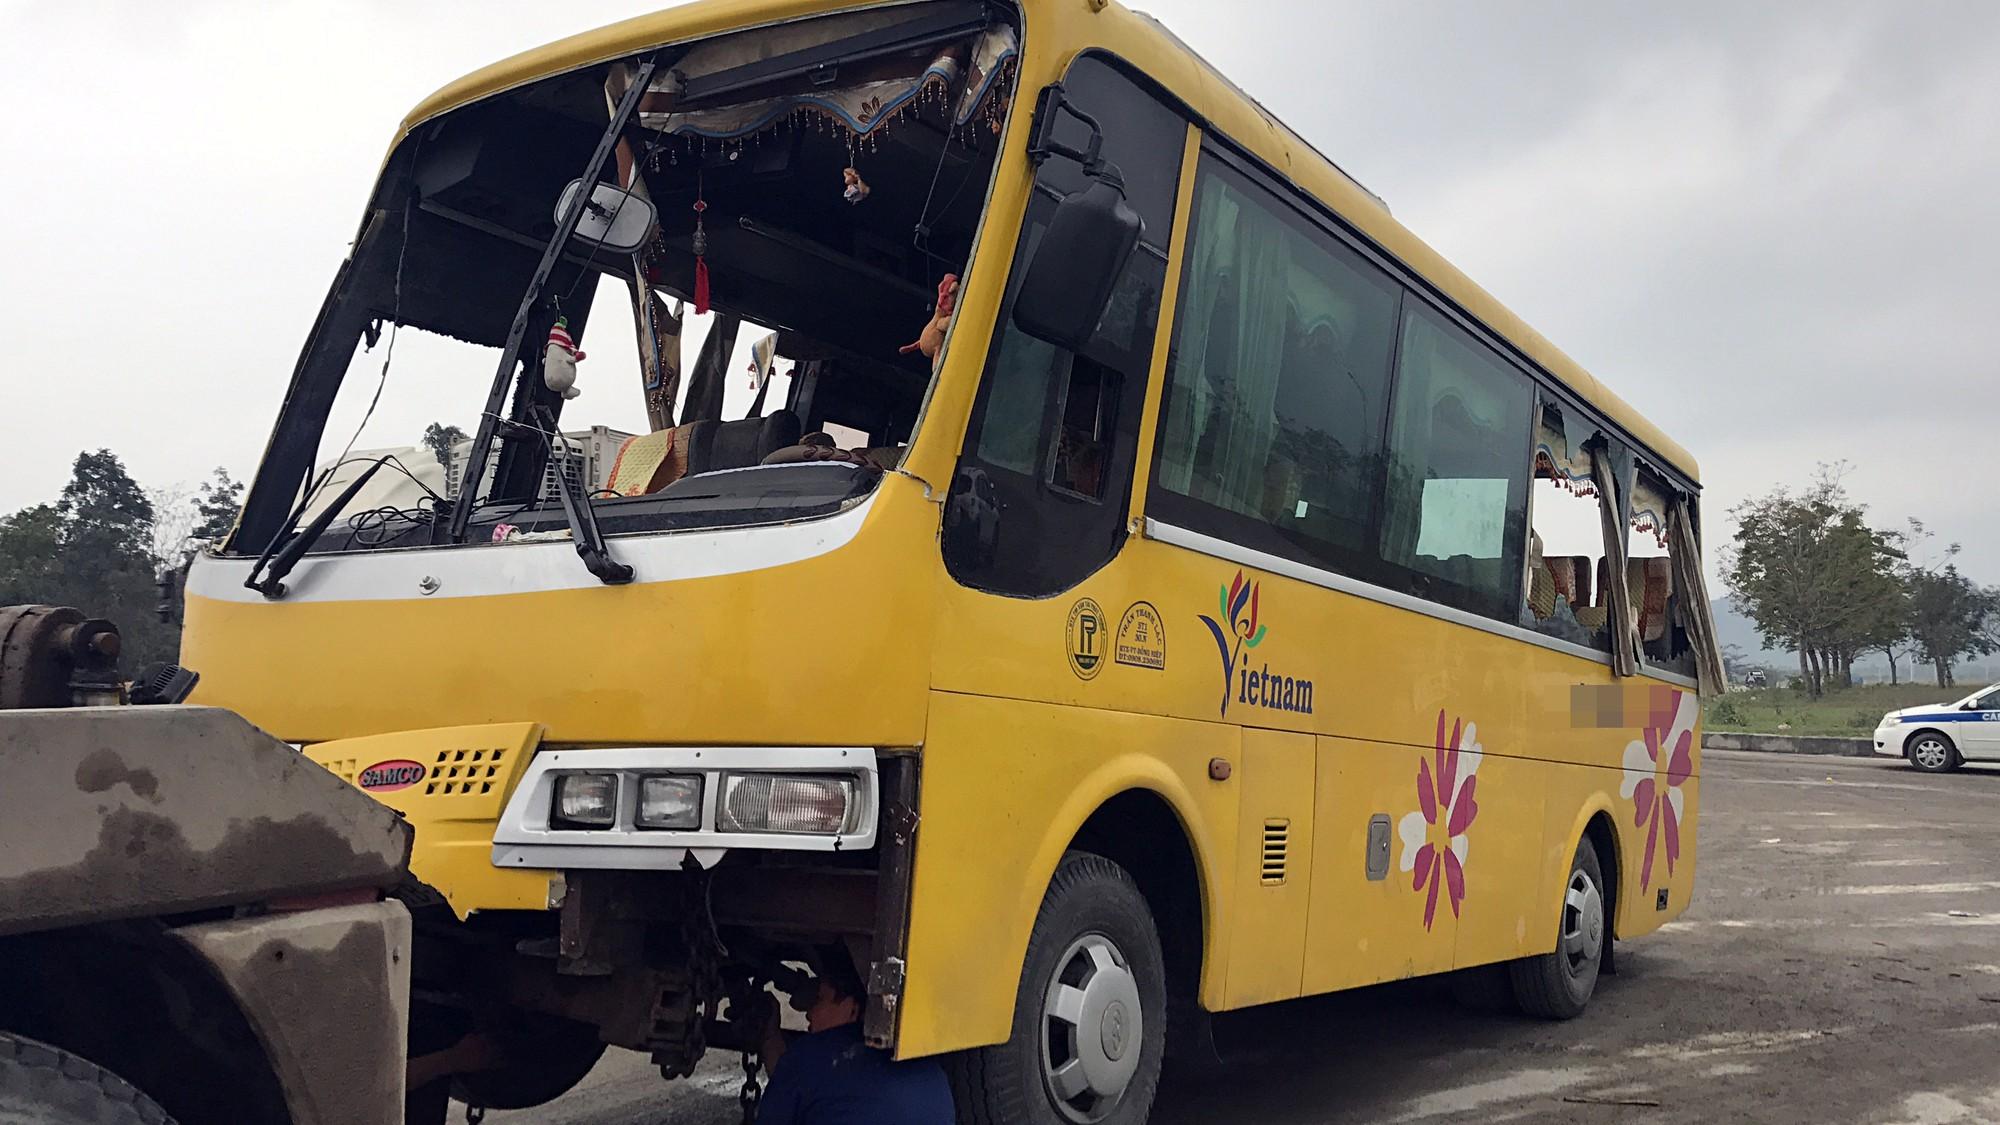 Chùm ảnh: Hiện trường vụ lật xe kinh hoàng ngày giáp Tết khiến 2 người chết, 11 người bị thương ở Đà Nẵng - Ảnh 4.